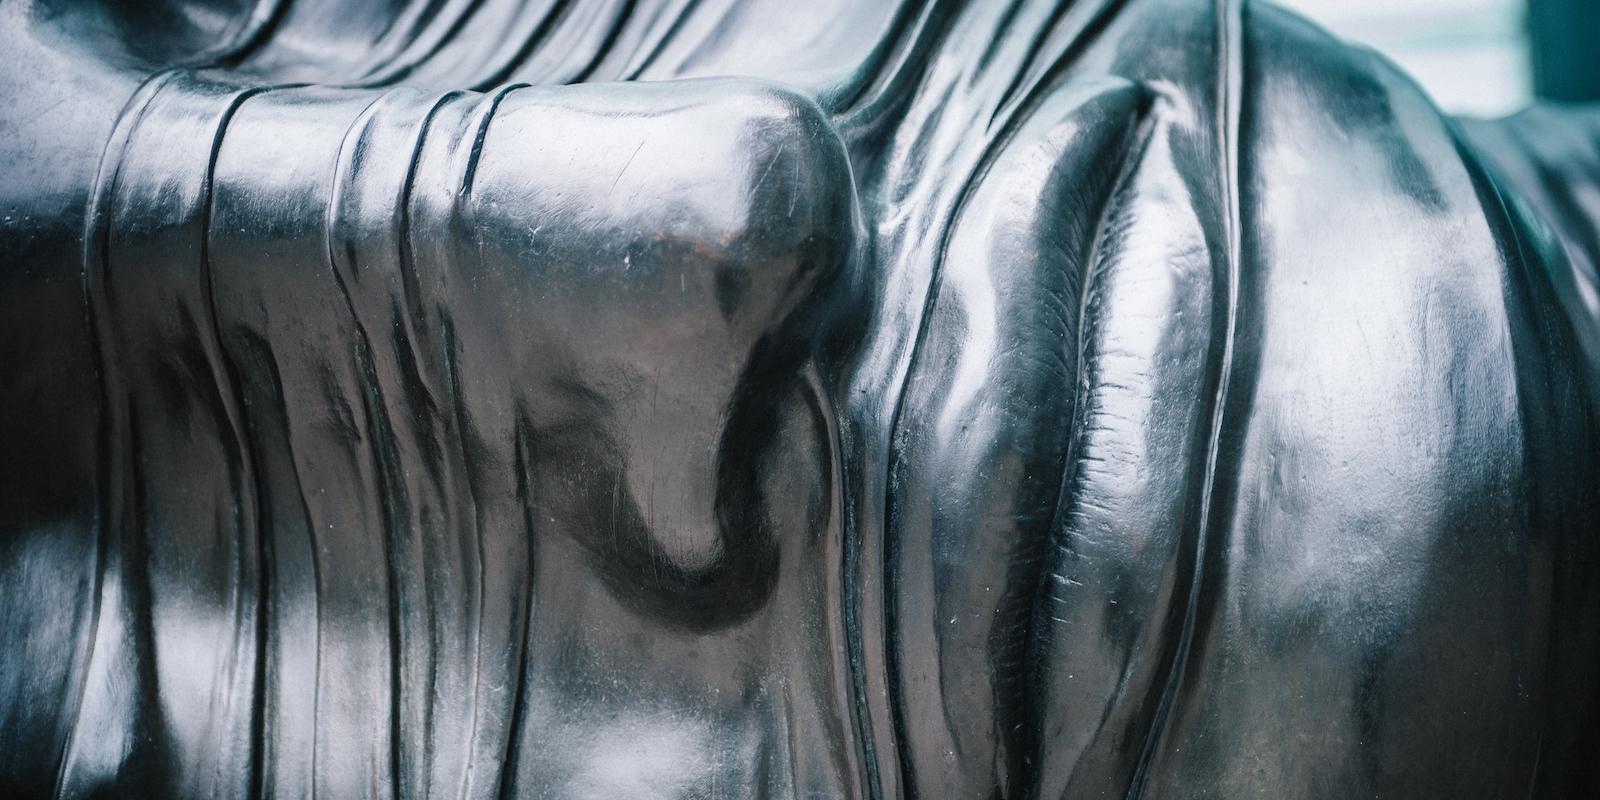 Je koloidní stříbro skutečným fenomenálním úkazem současné medicíny?